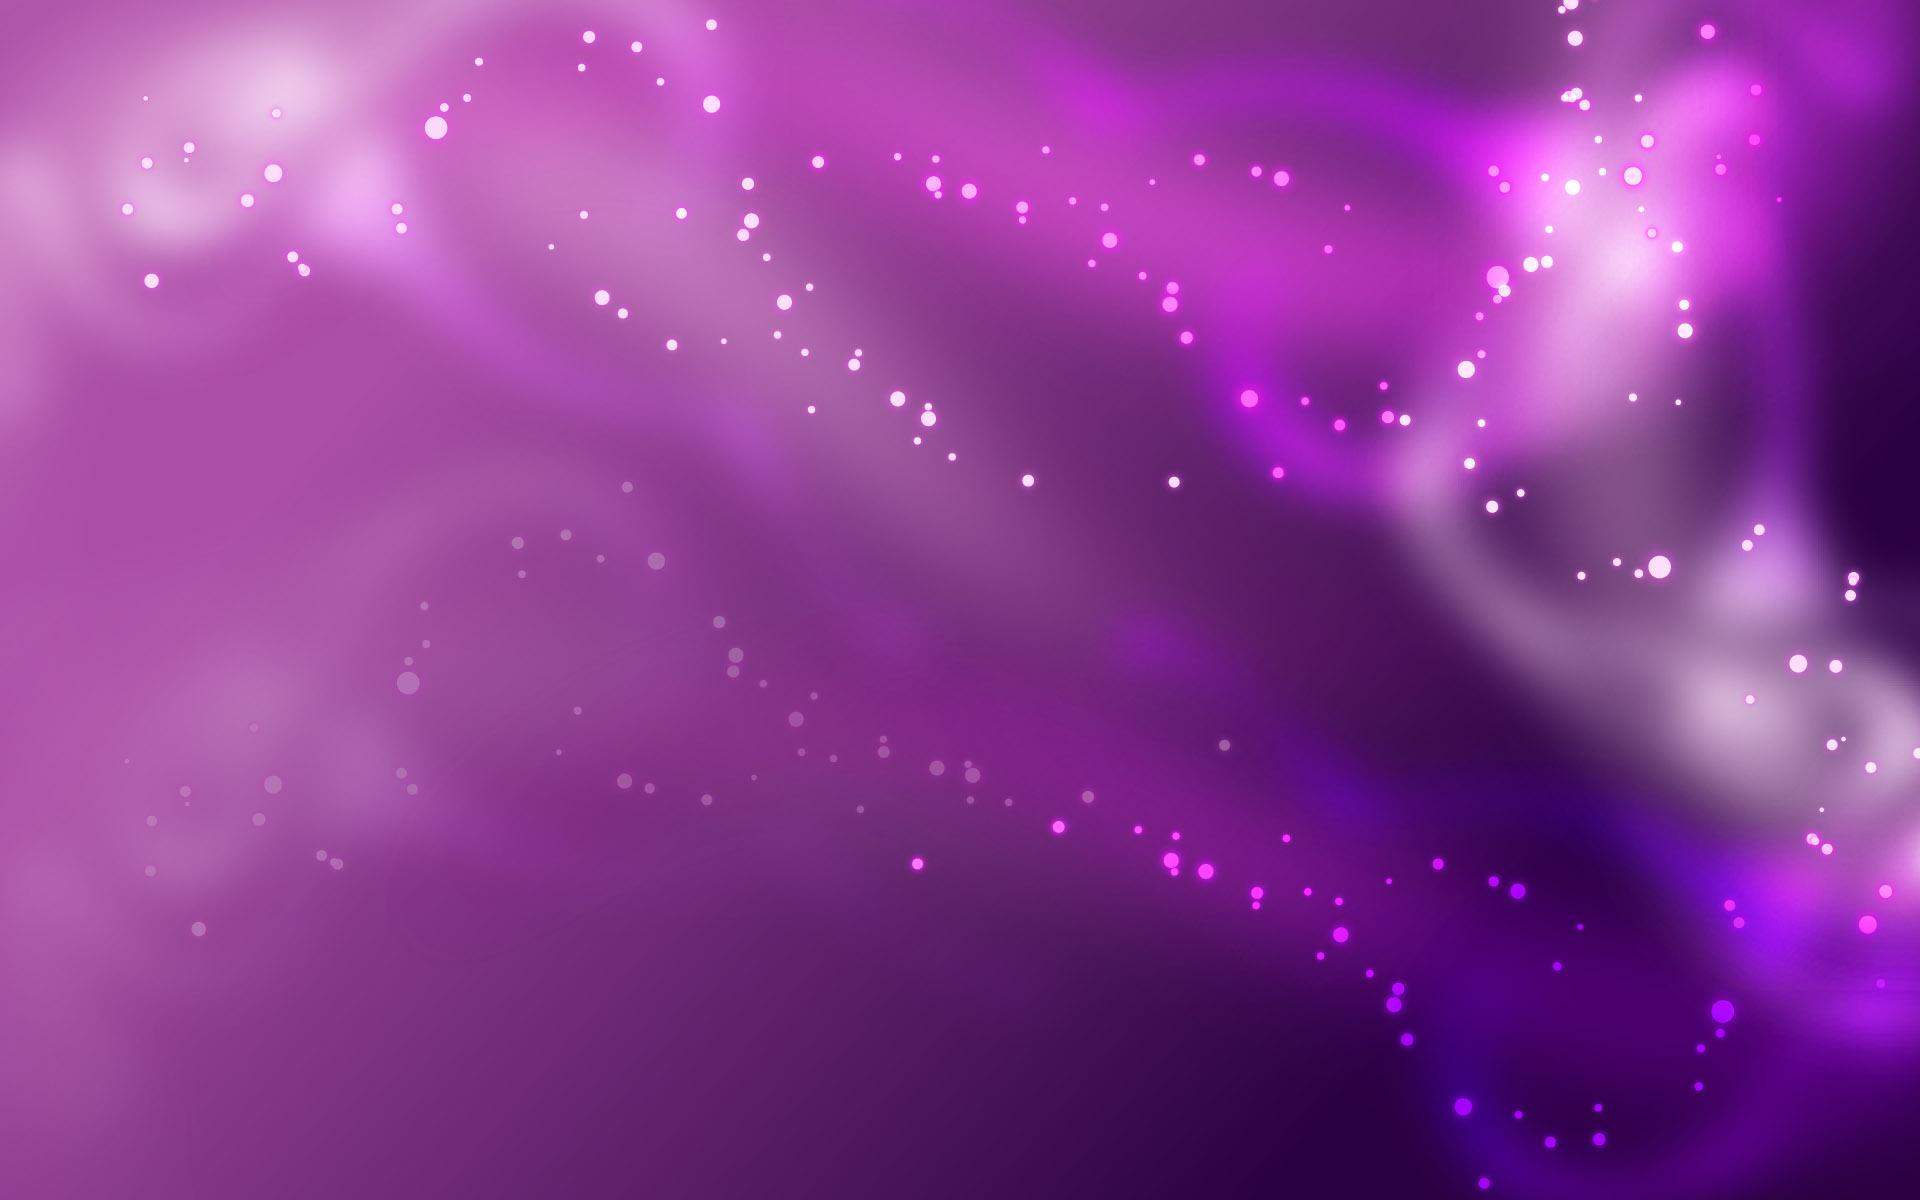 purple wallpaper 2969